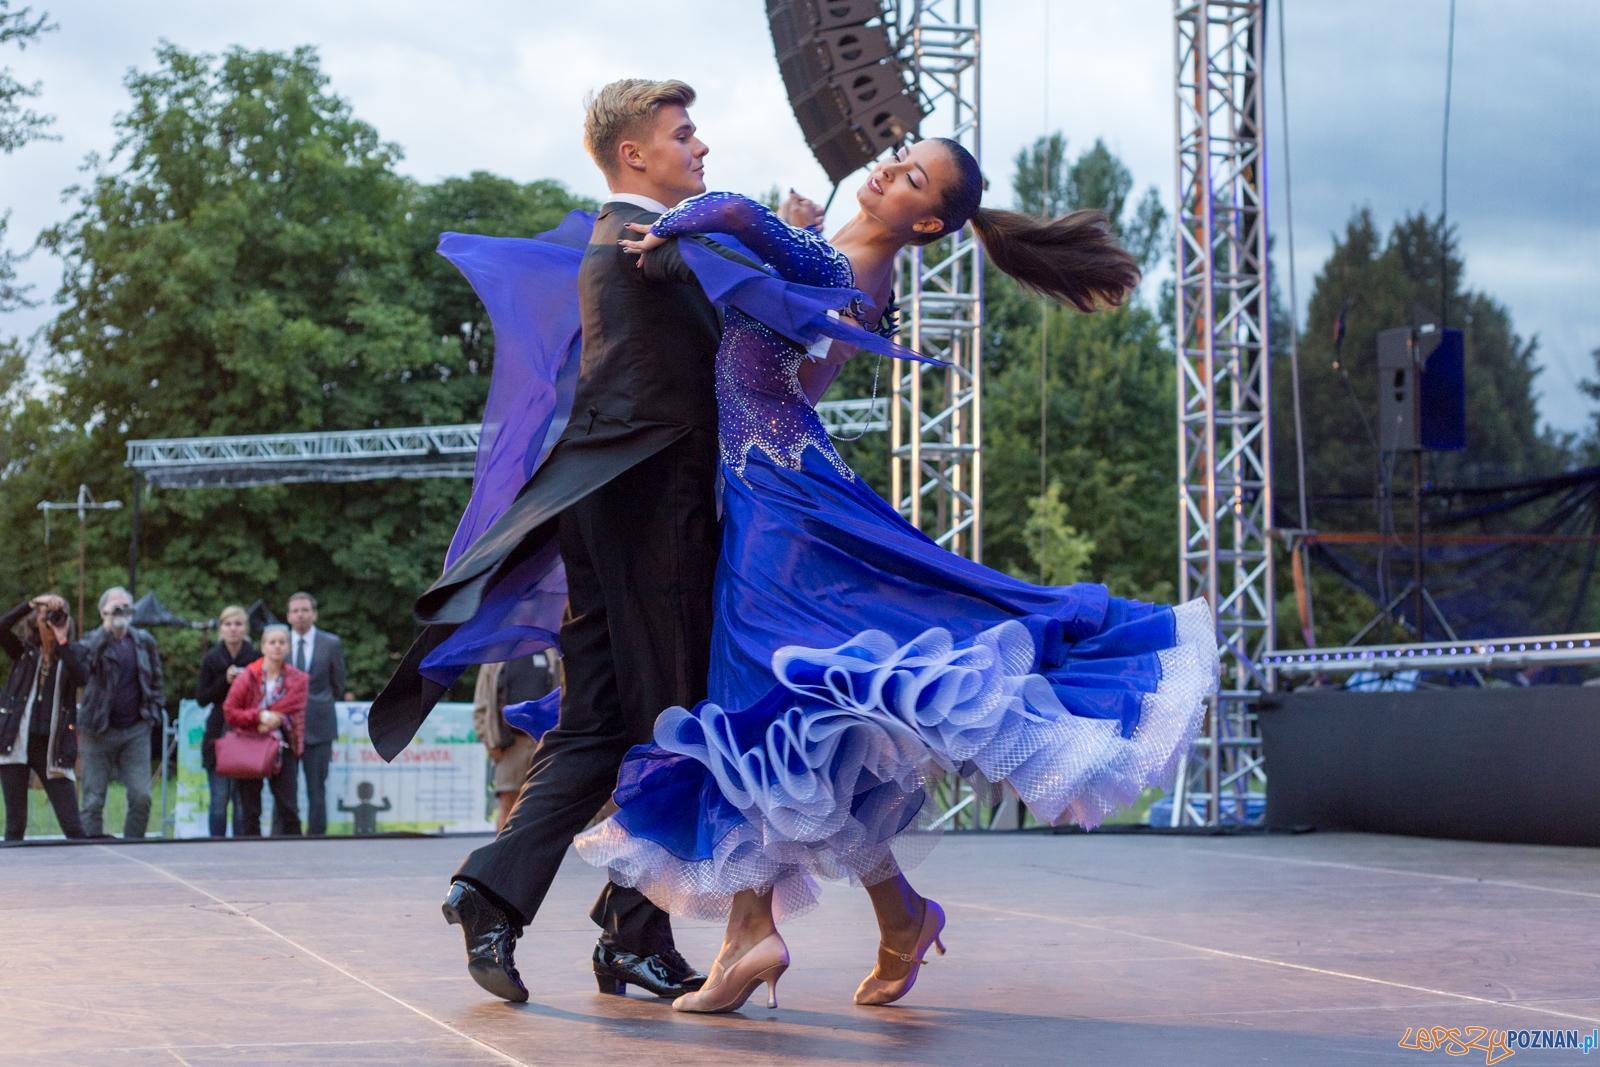 Żywioły i... tańce świata  Foto: lepszyPOZNAN.pl / Piotr Rychter